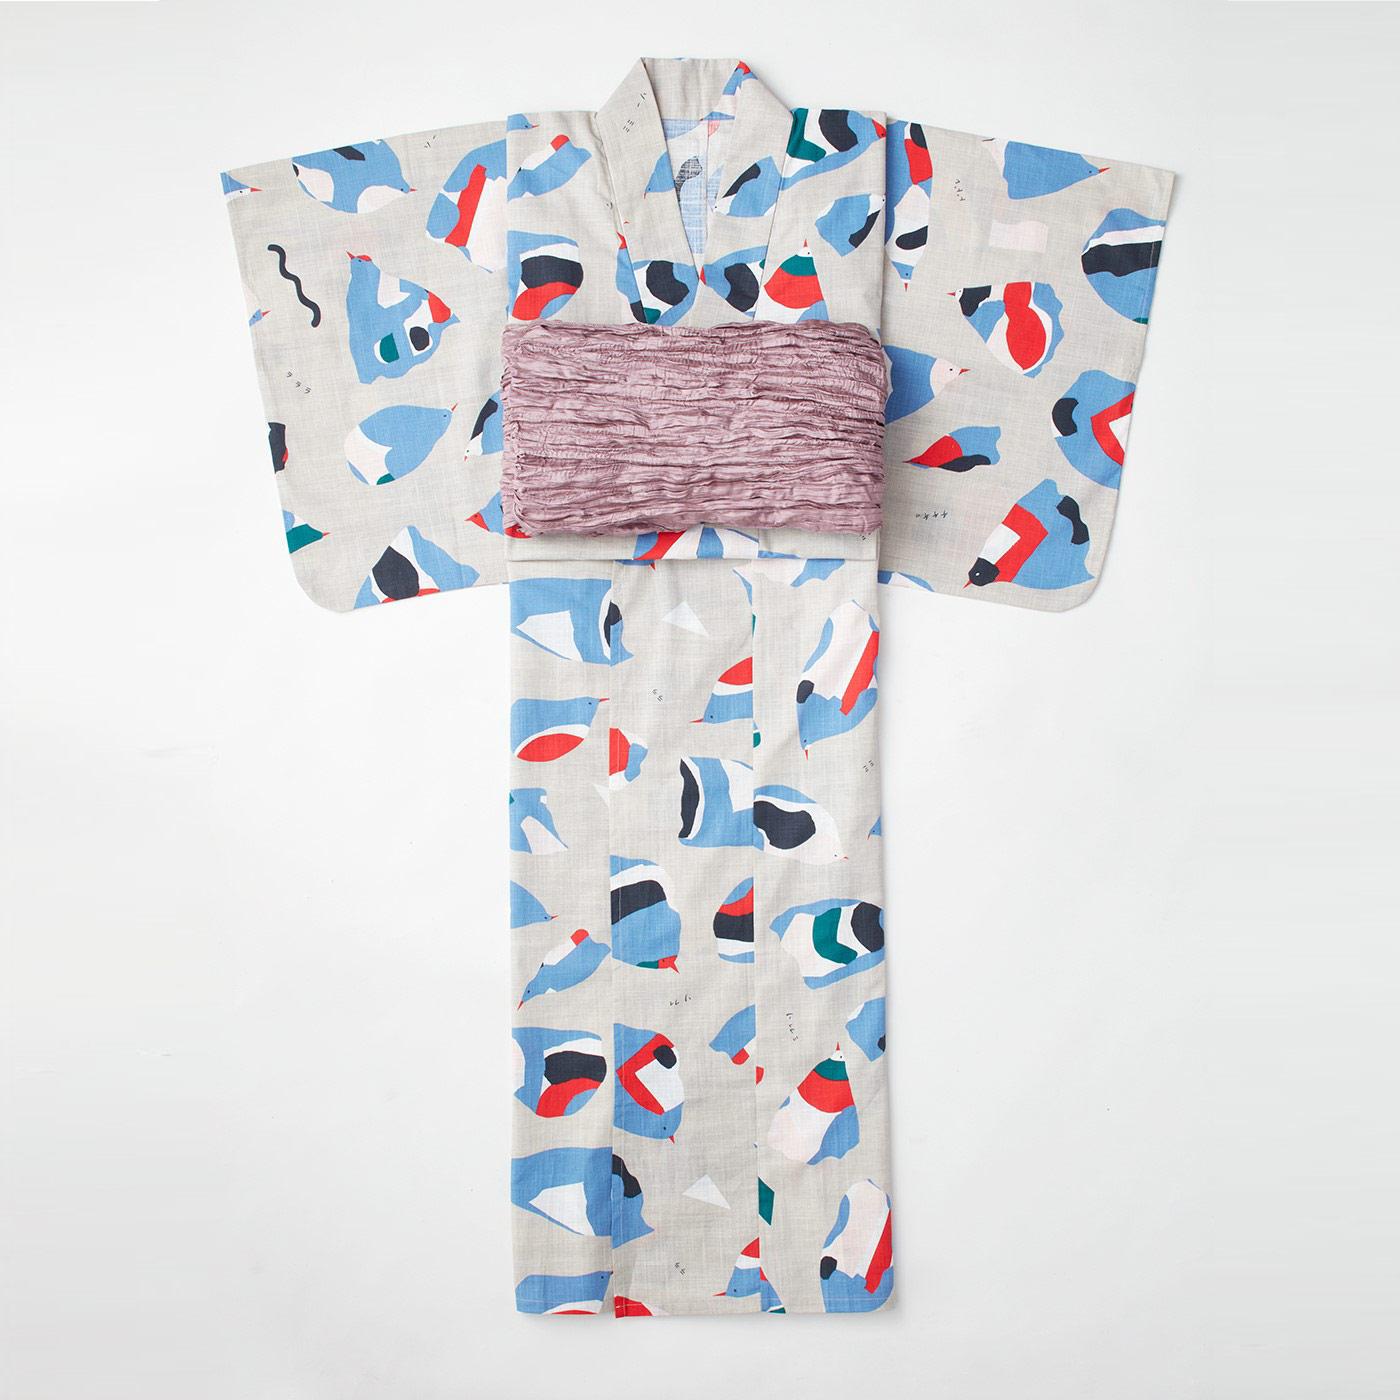 京都Subikiawa食器店さんとつくった 風船鳥柄の浴衣(ゆかた)〈レディース〉